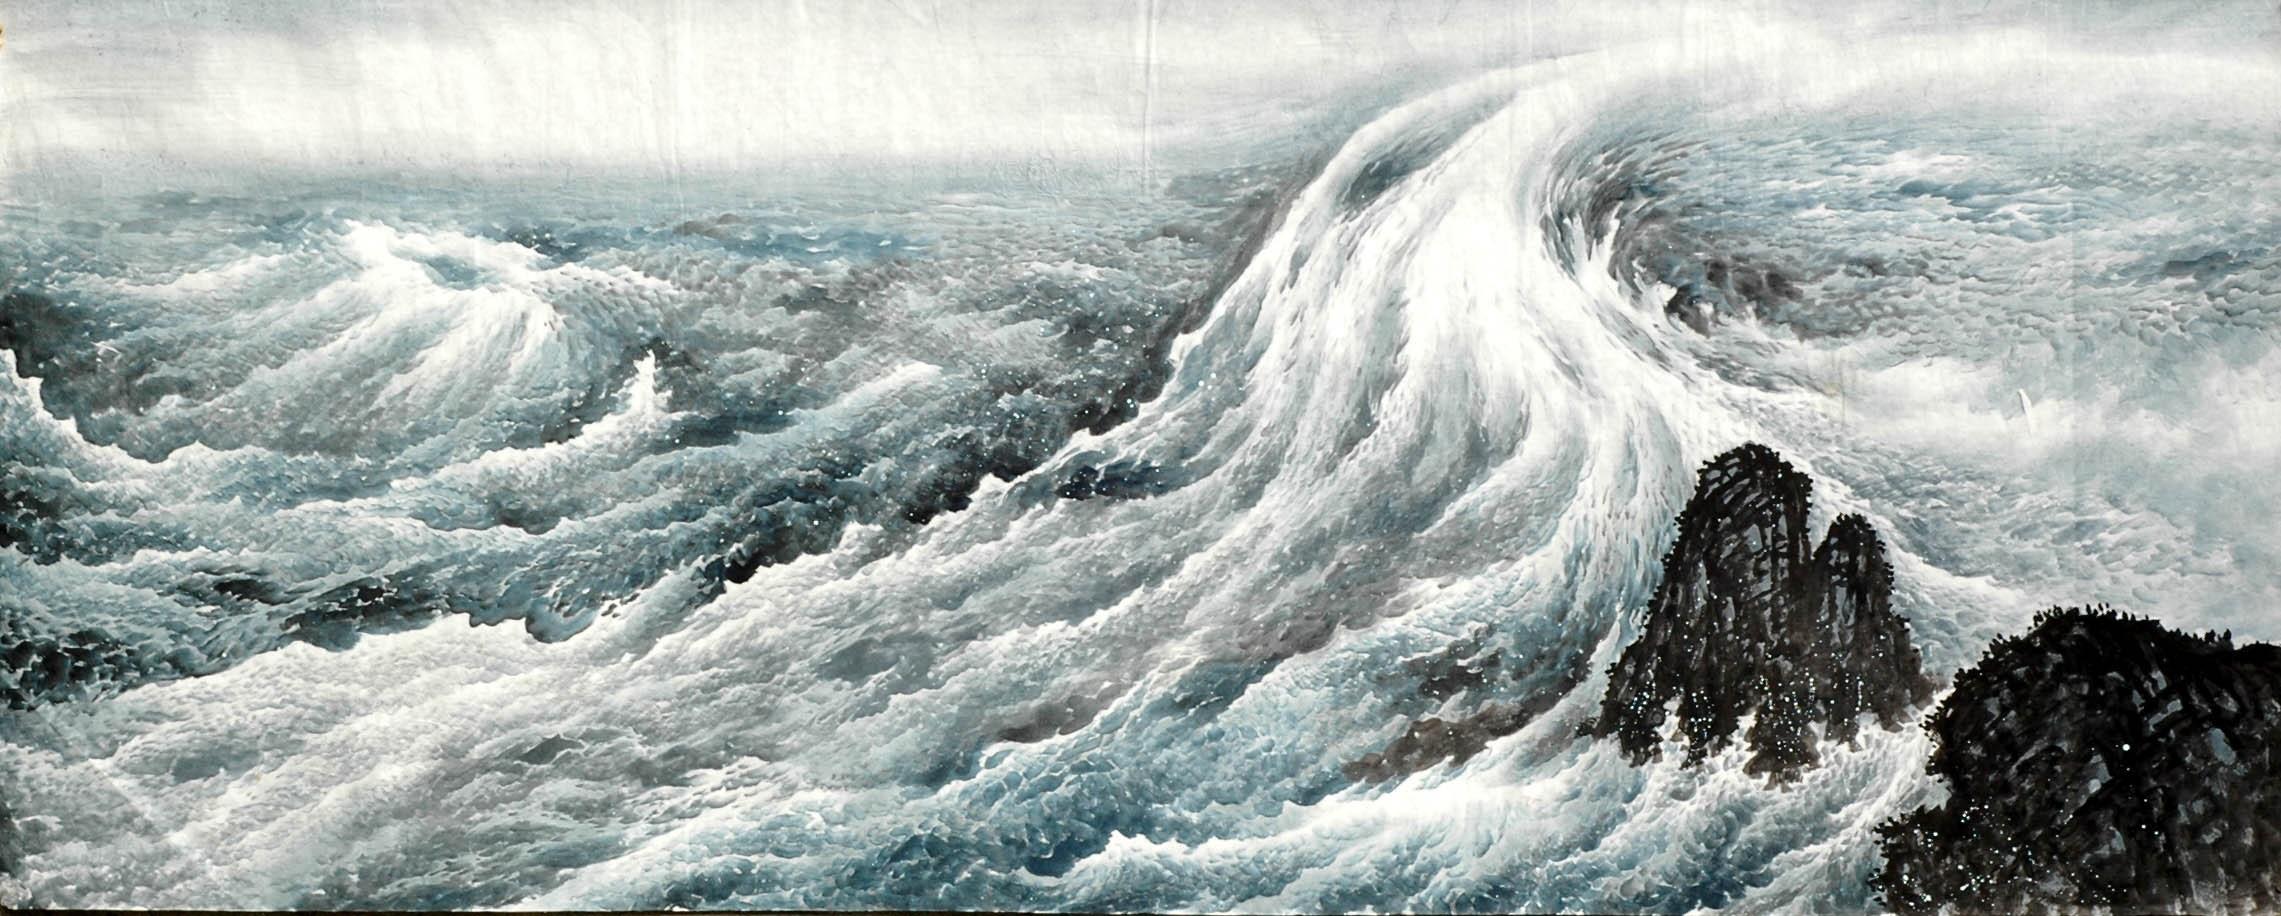 Story deep sea wave